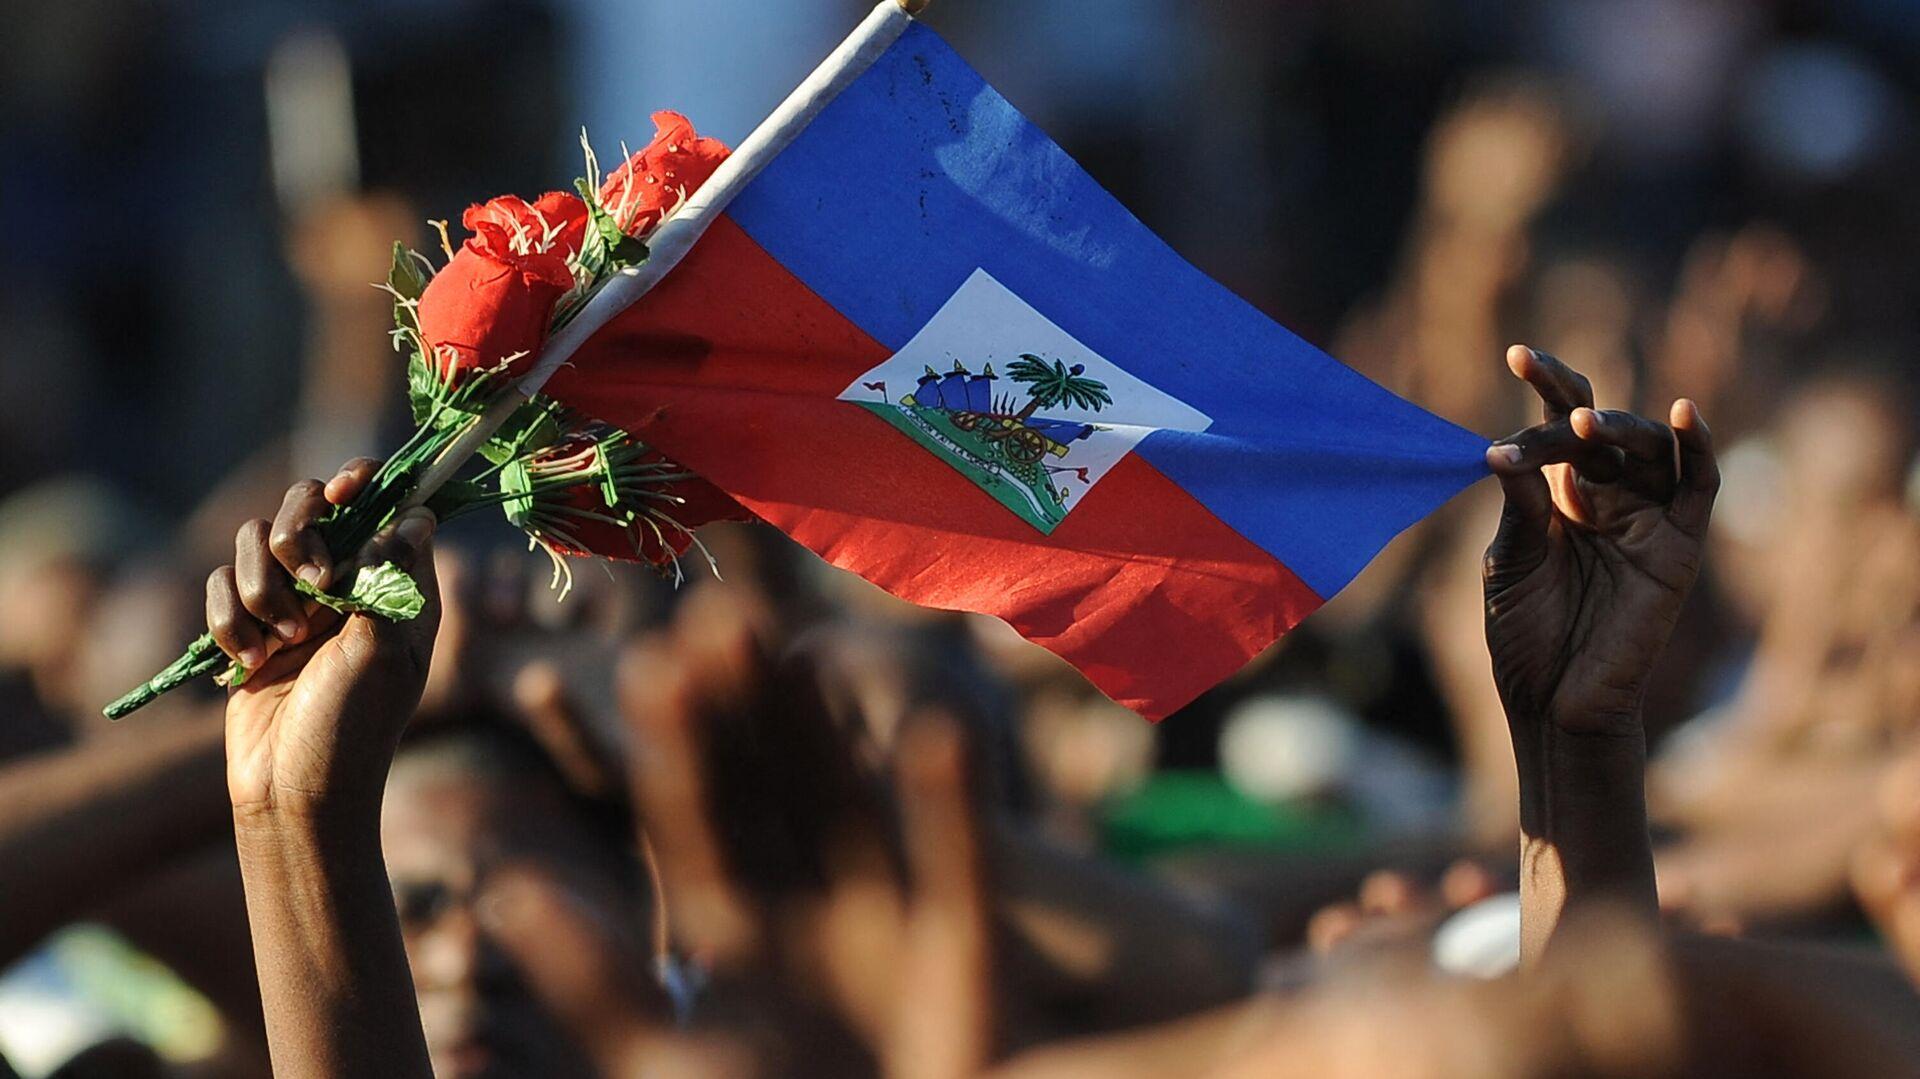 La bandera de Haití - Sputnik Mundo, 1920, 30.07.2021